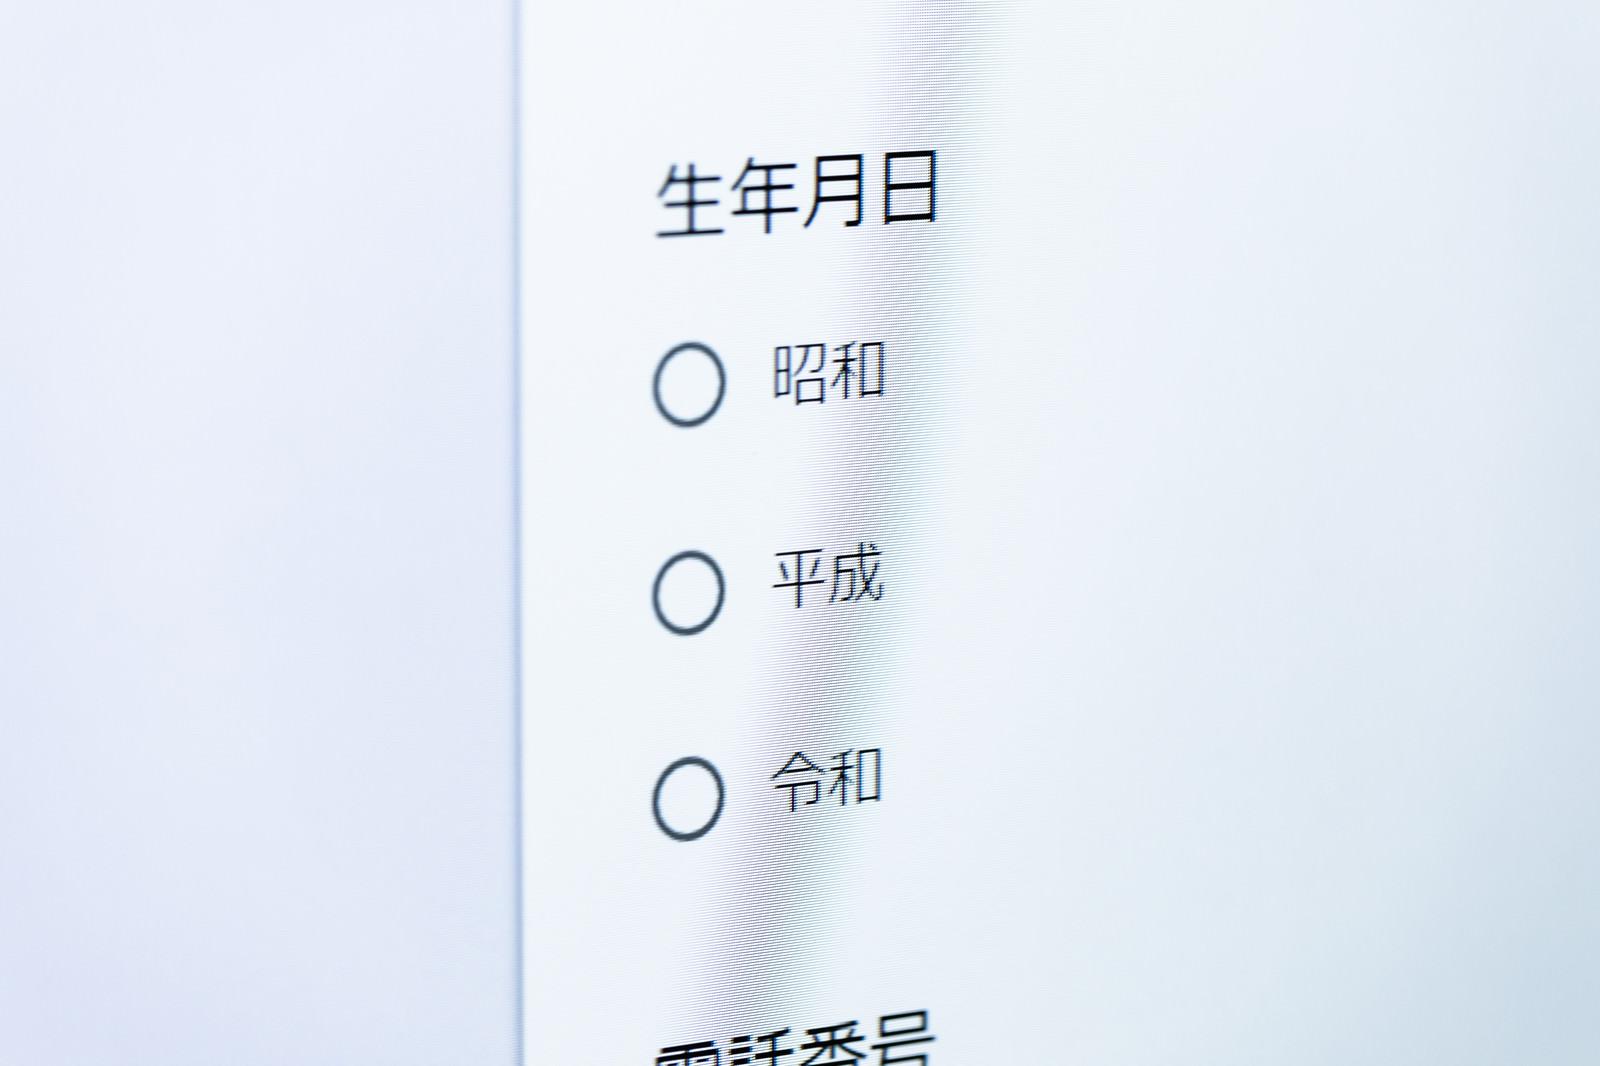 「令和の項目が追加されたラジオボックス」の写真